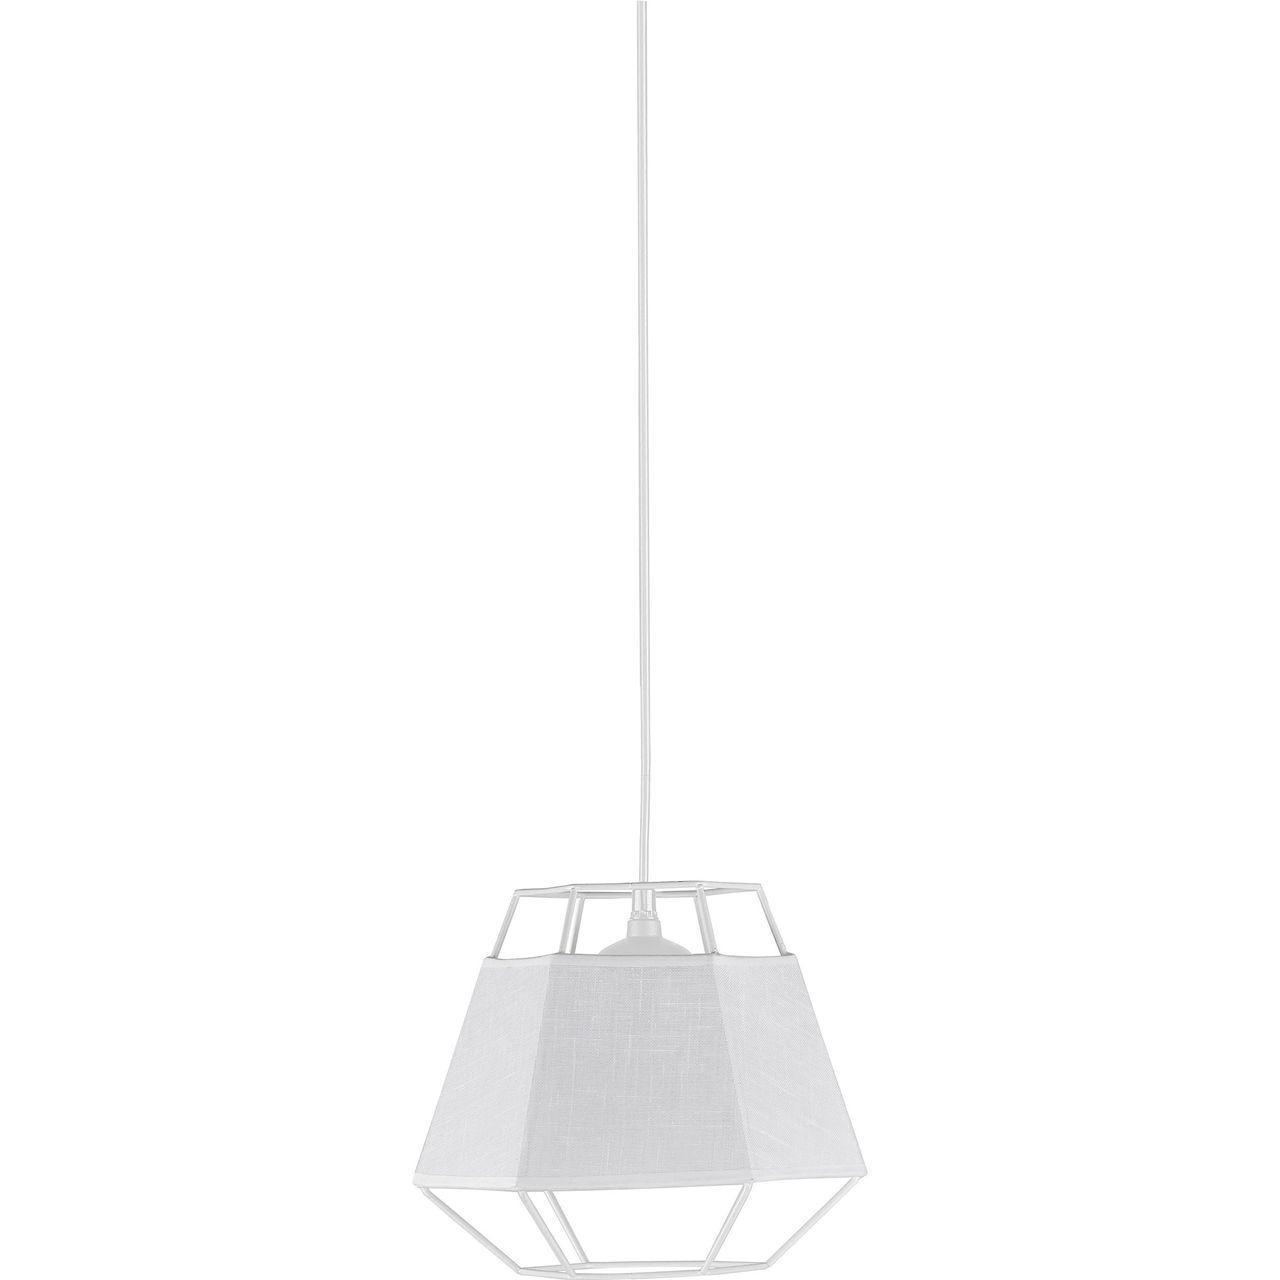 Подвесной светильник TK Lighting 1852 Cristal White 1 castor 2107 1